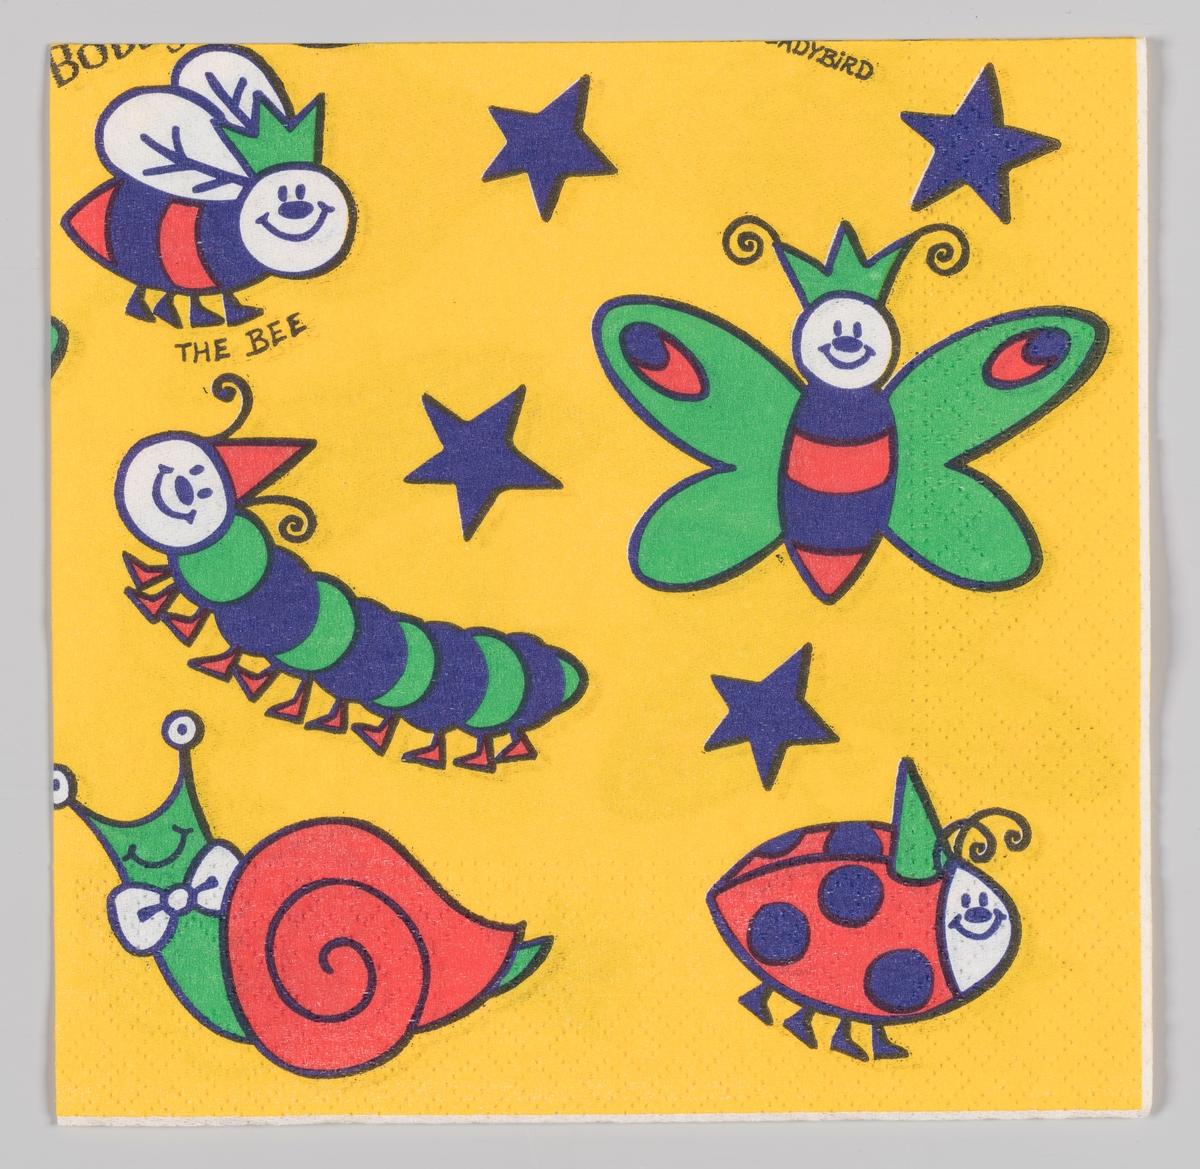 Smilende og fargerike insekter: En bie, en sommerfugl, en larve, en snegle og en marihøne mellom blå stjerner.